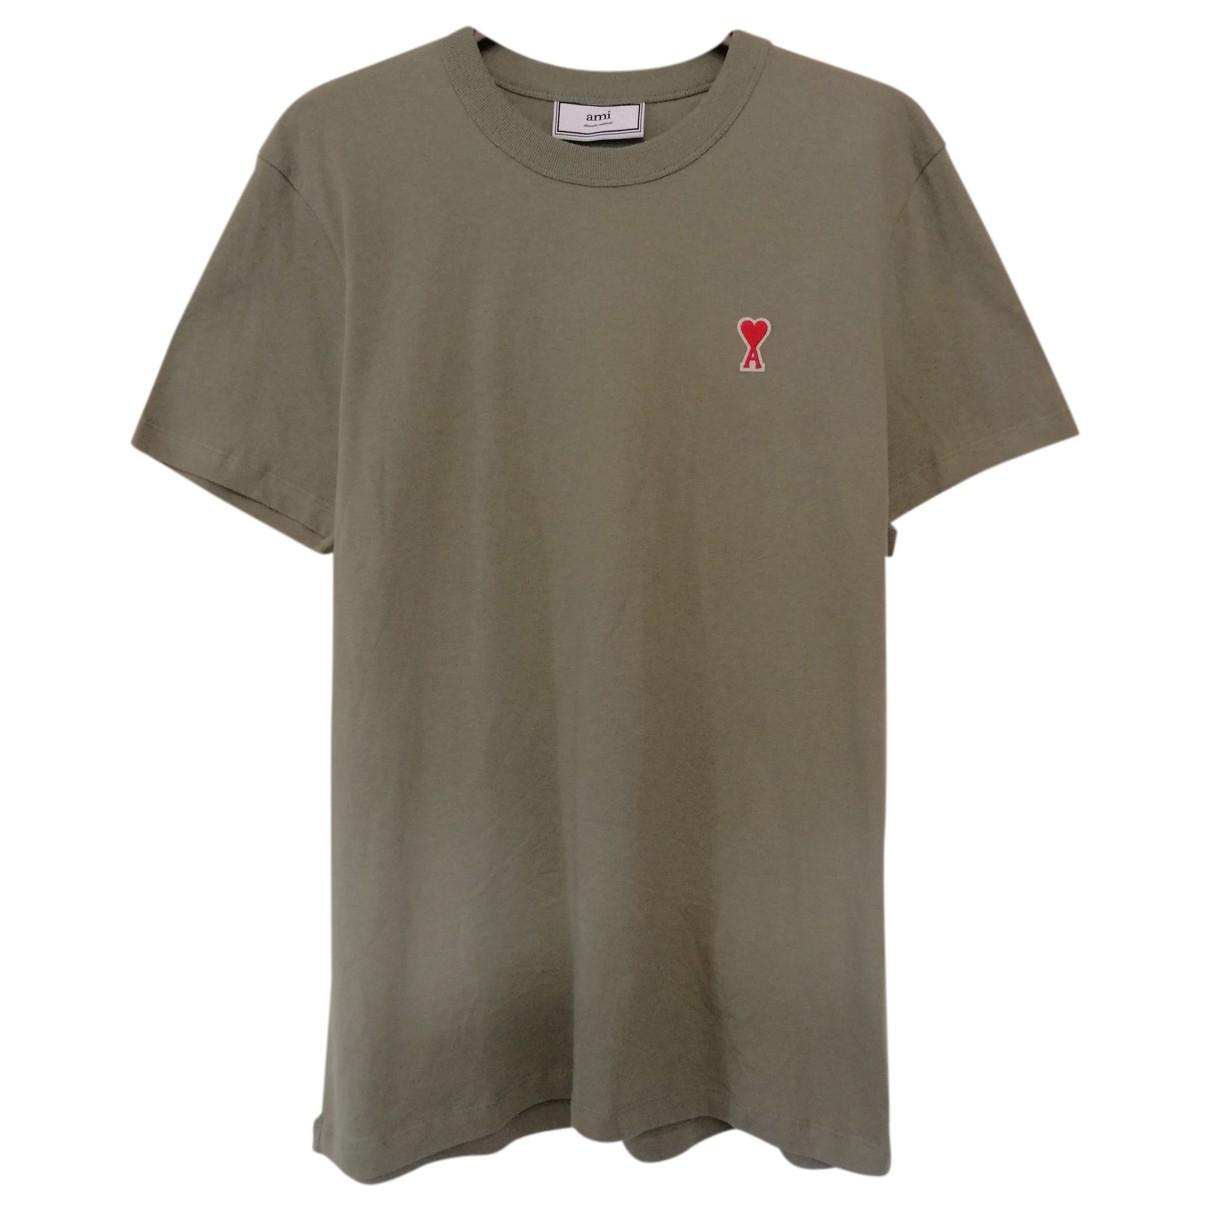 Ami - Tee shirts   pour homme en coton - vert